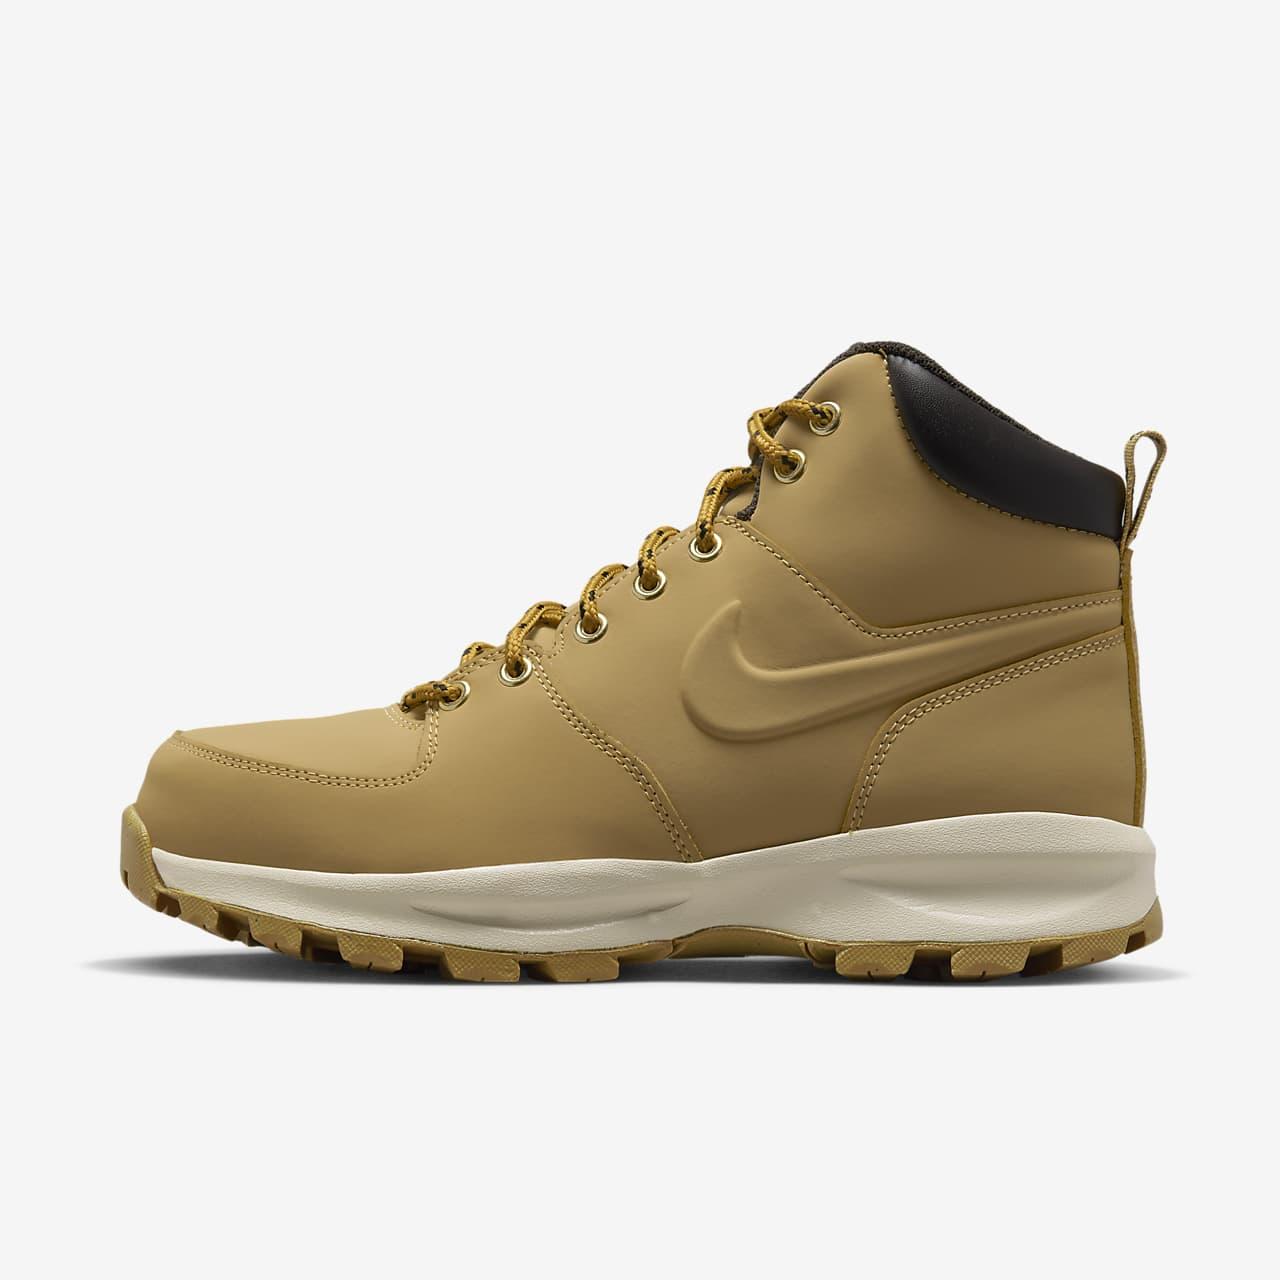 best website c2613 8e37a Low Resolution Buty męskie Nike Manoa Buty męskie Nike Manoa